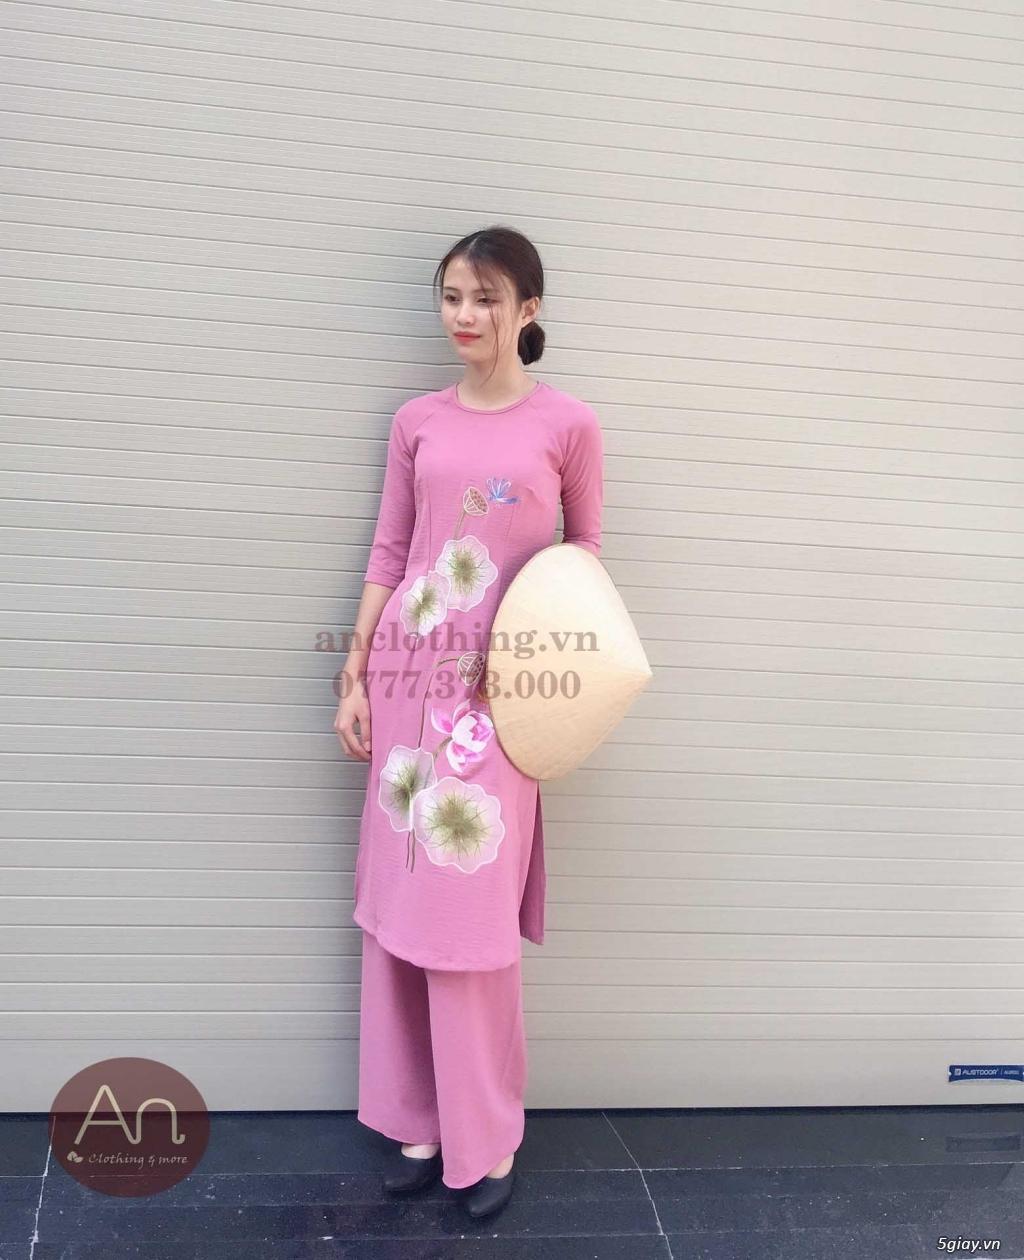 Áo dài cách tân Phật tử đi lễ - Pháp phục cao cấp hcm ANCLOTHING - 12